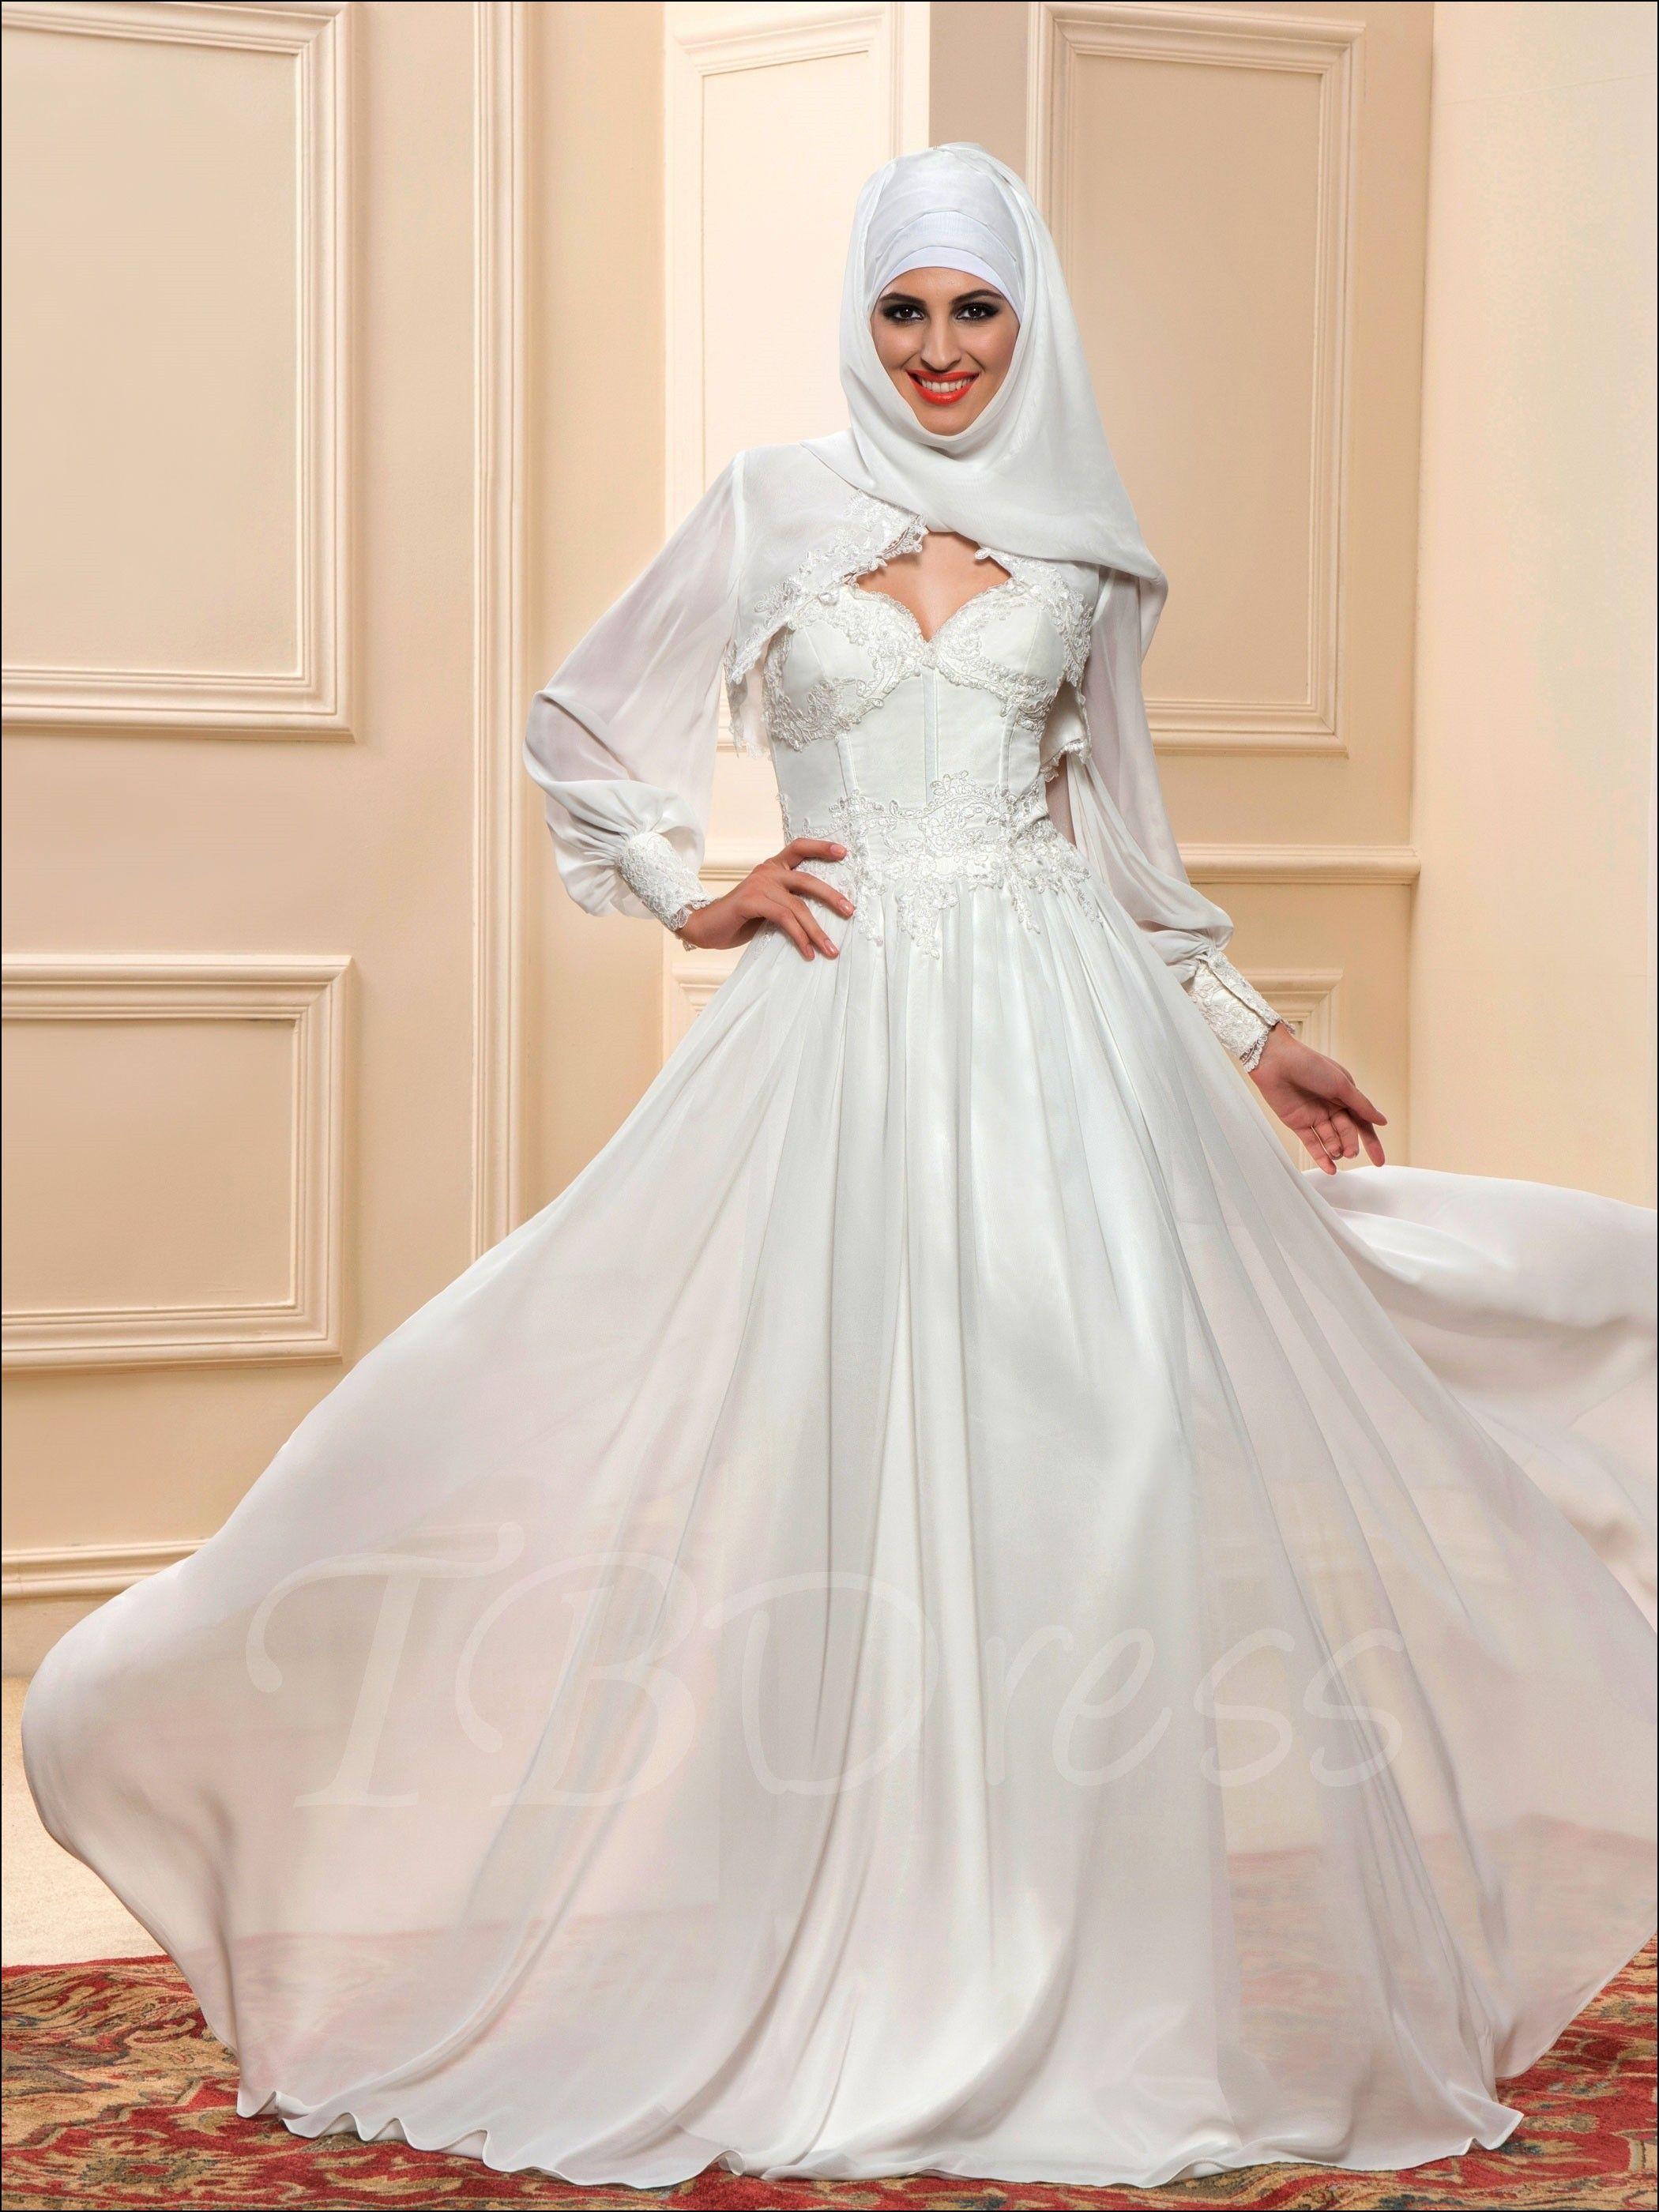 Islamic Wedding Gowns Hijab | Model pakaian hijab | Pinterest ...